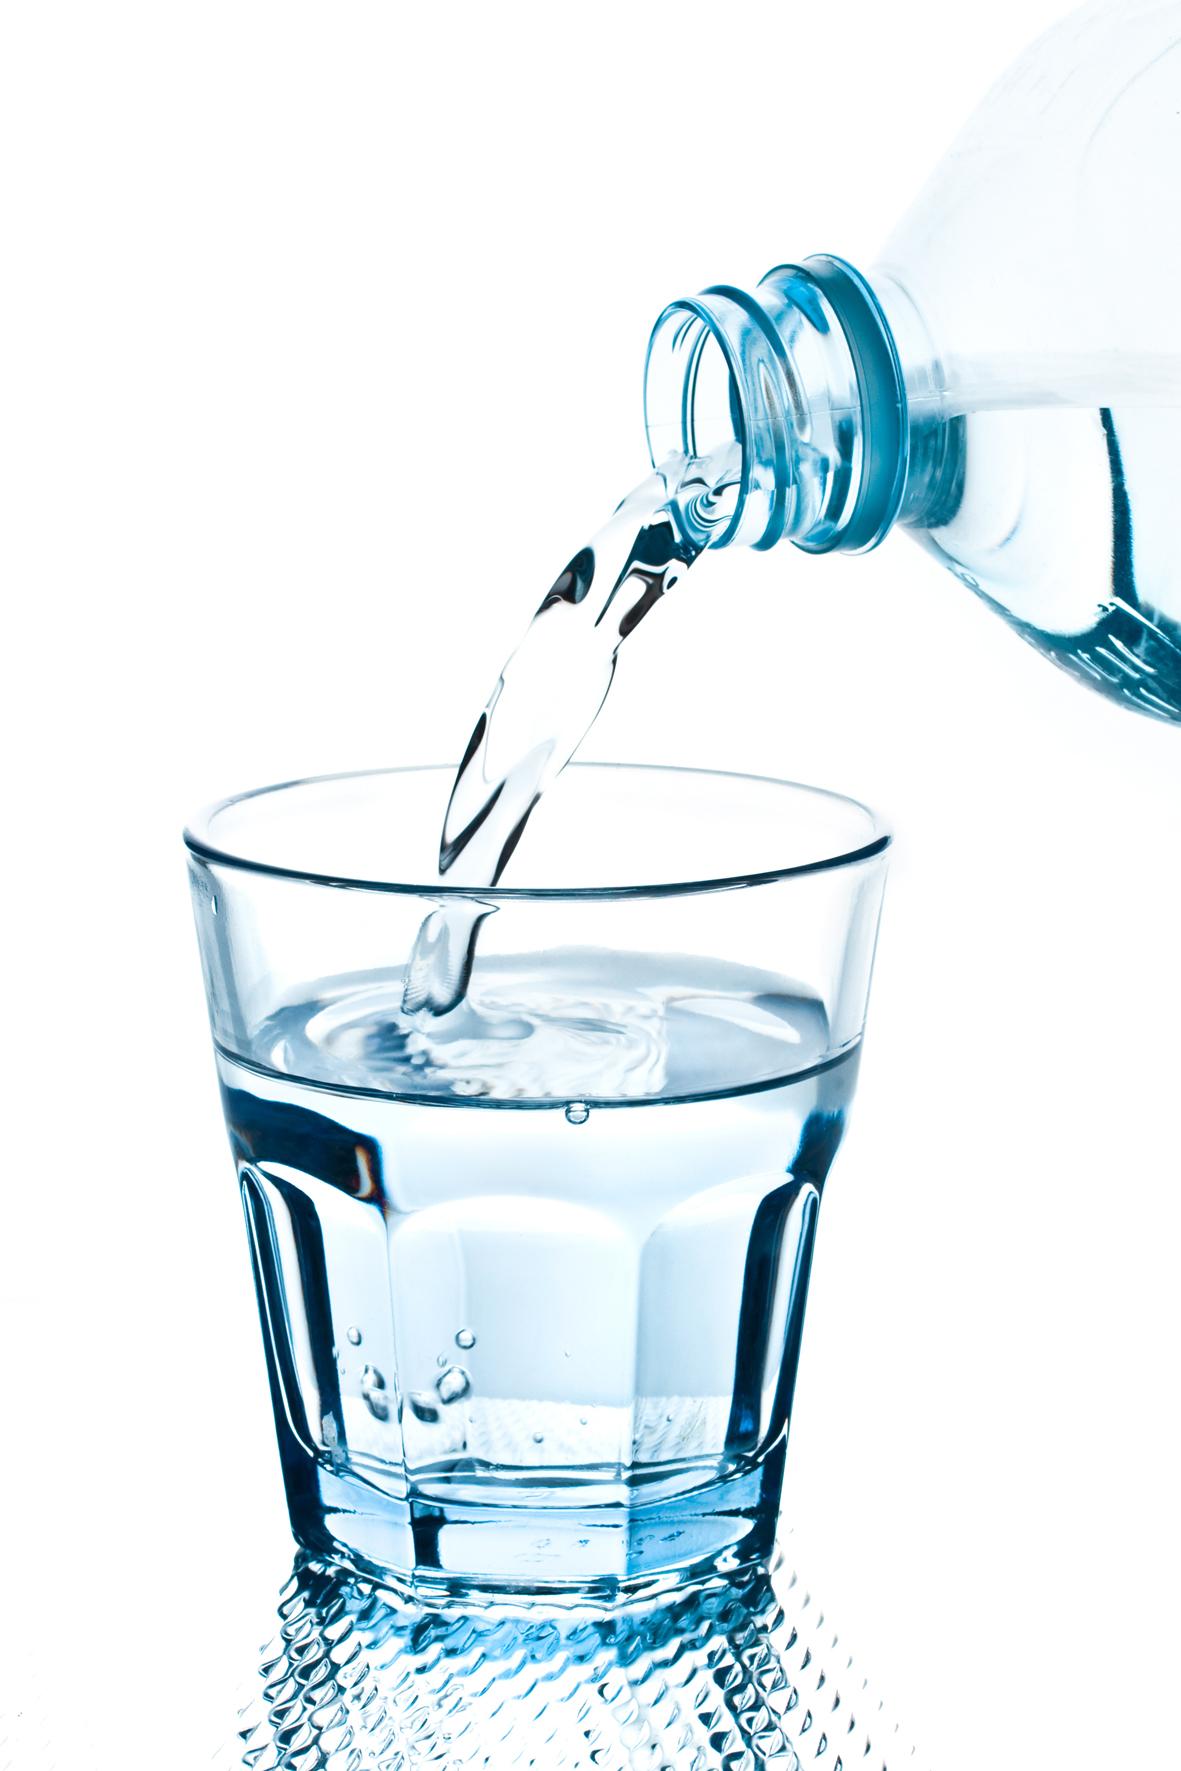 Chcete-li si vychutnat čistou vodu, měli byste odmítnout i poměrně oblíbený plátek citronu.